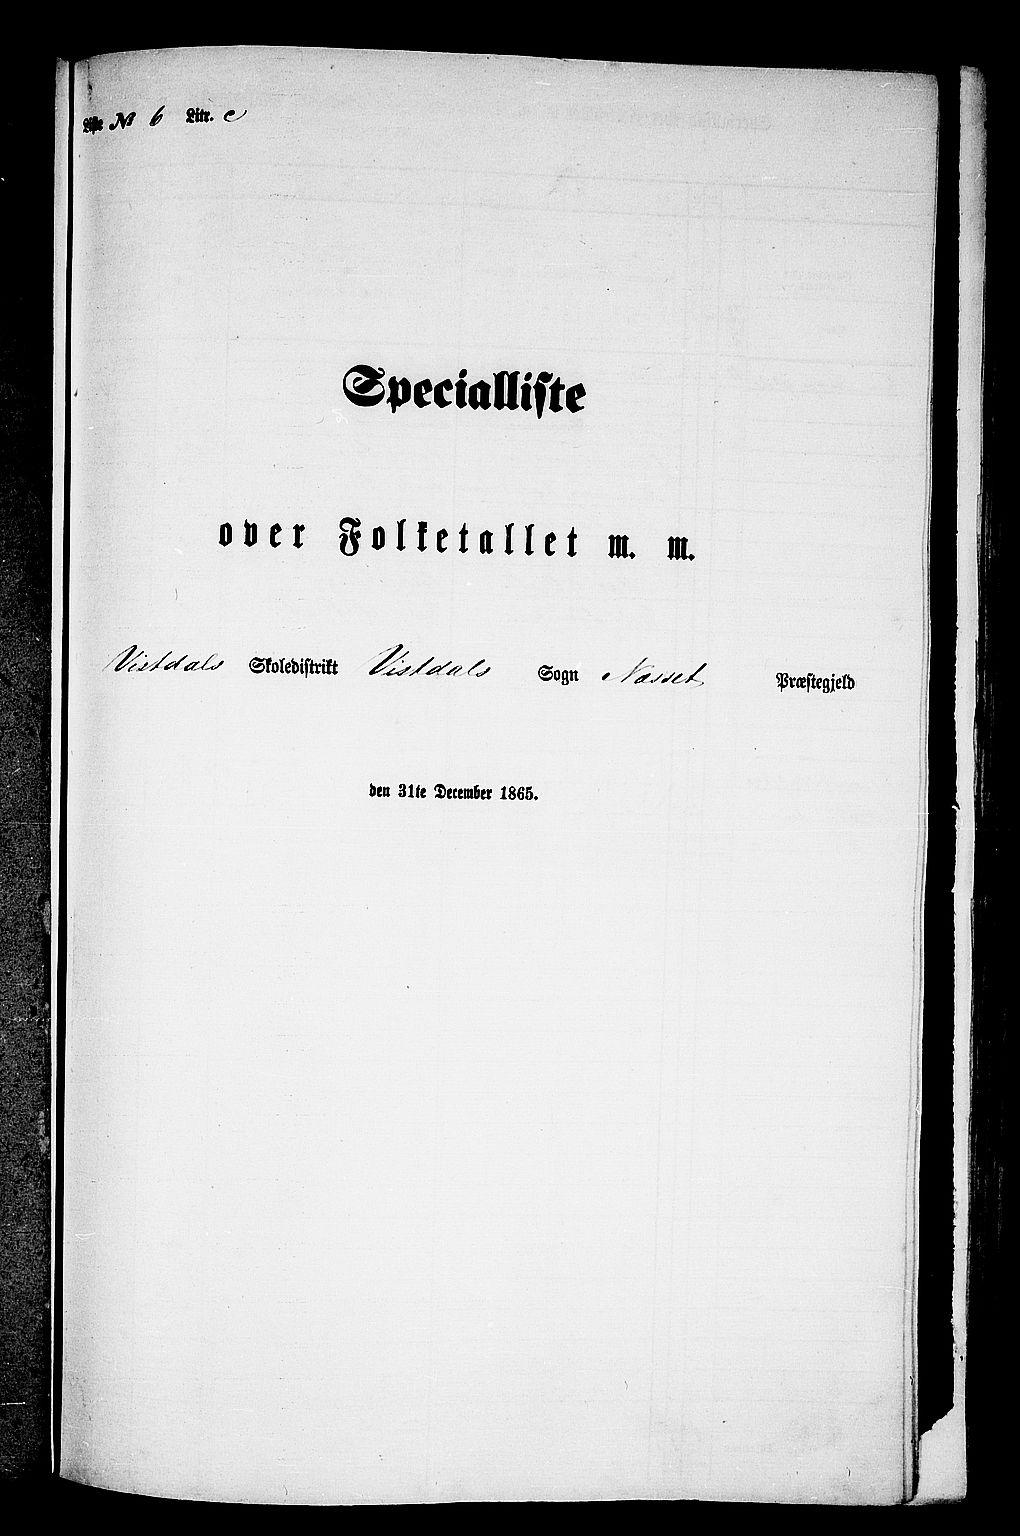 RA, Folketelling 1865 for 1543P Nesset prestegjeld, 1865, s. 147